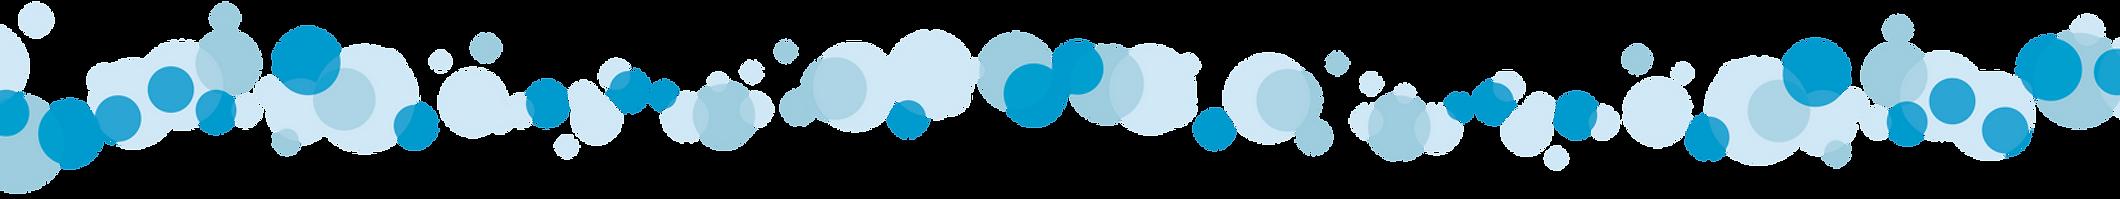 bubbles_d_blue-RGB.png